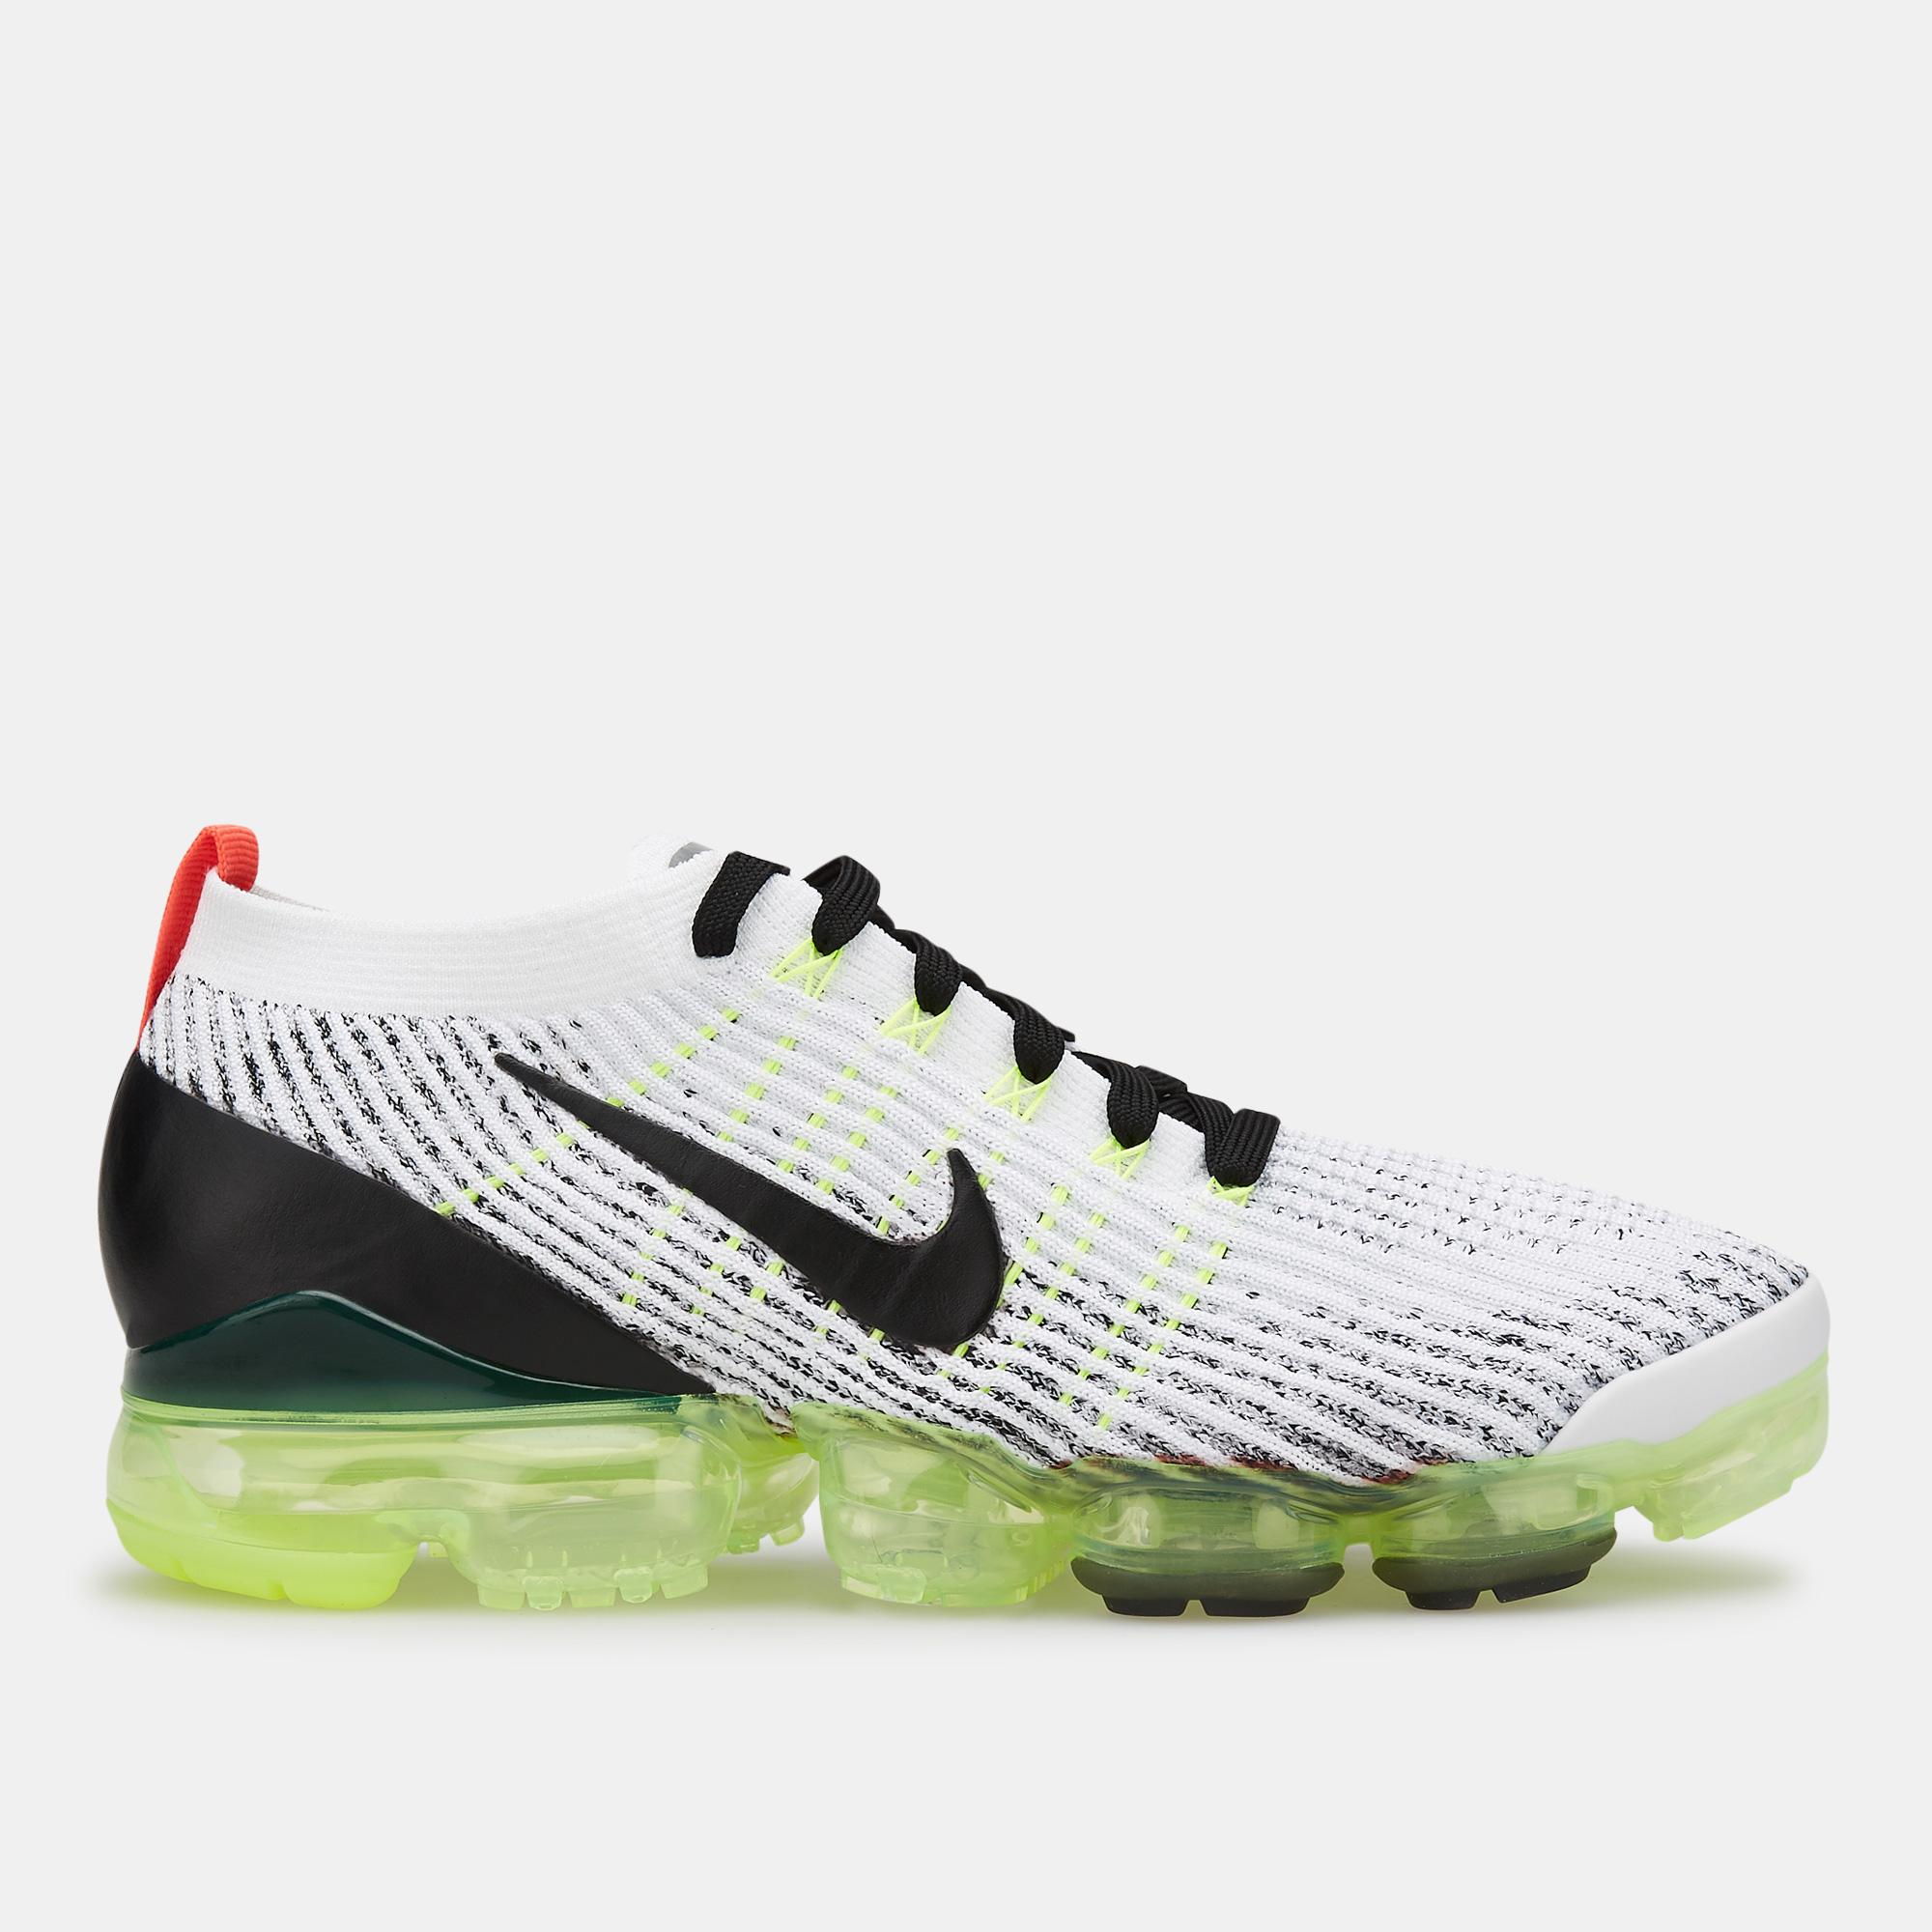 b24a1ac89f Nike Men's Air Vapormax Flyknit 3 Shoe